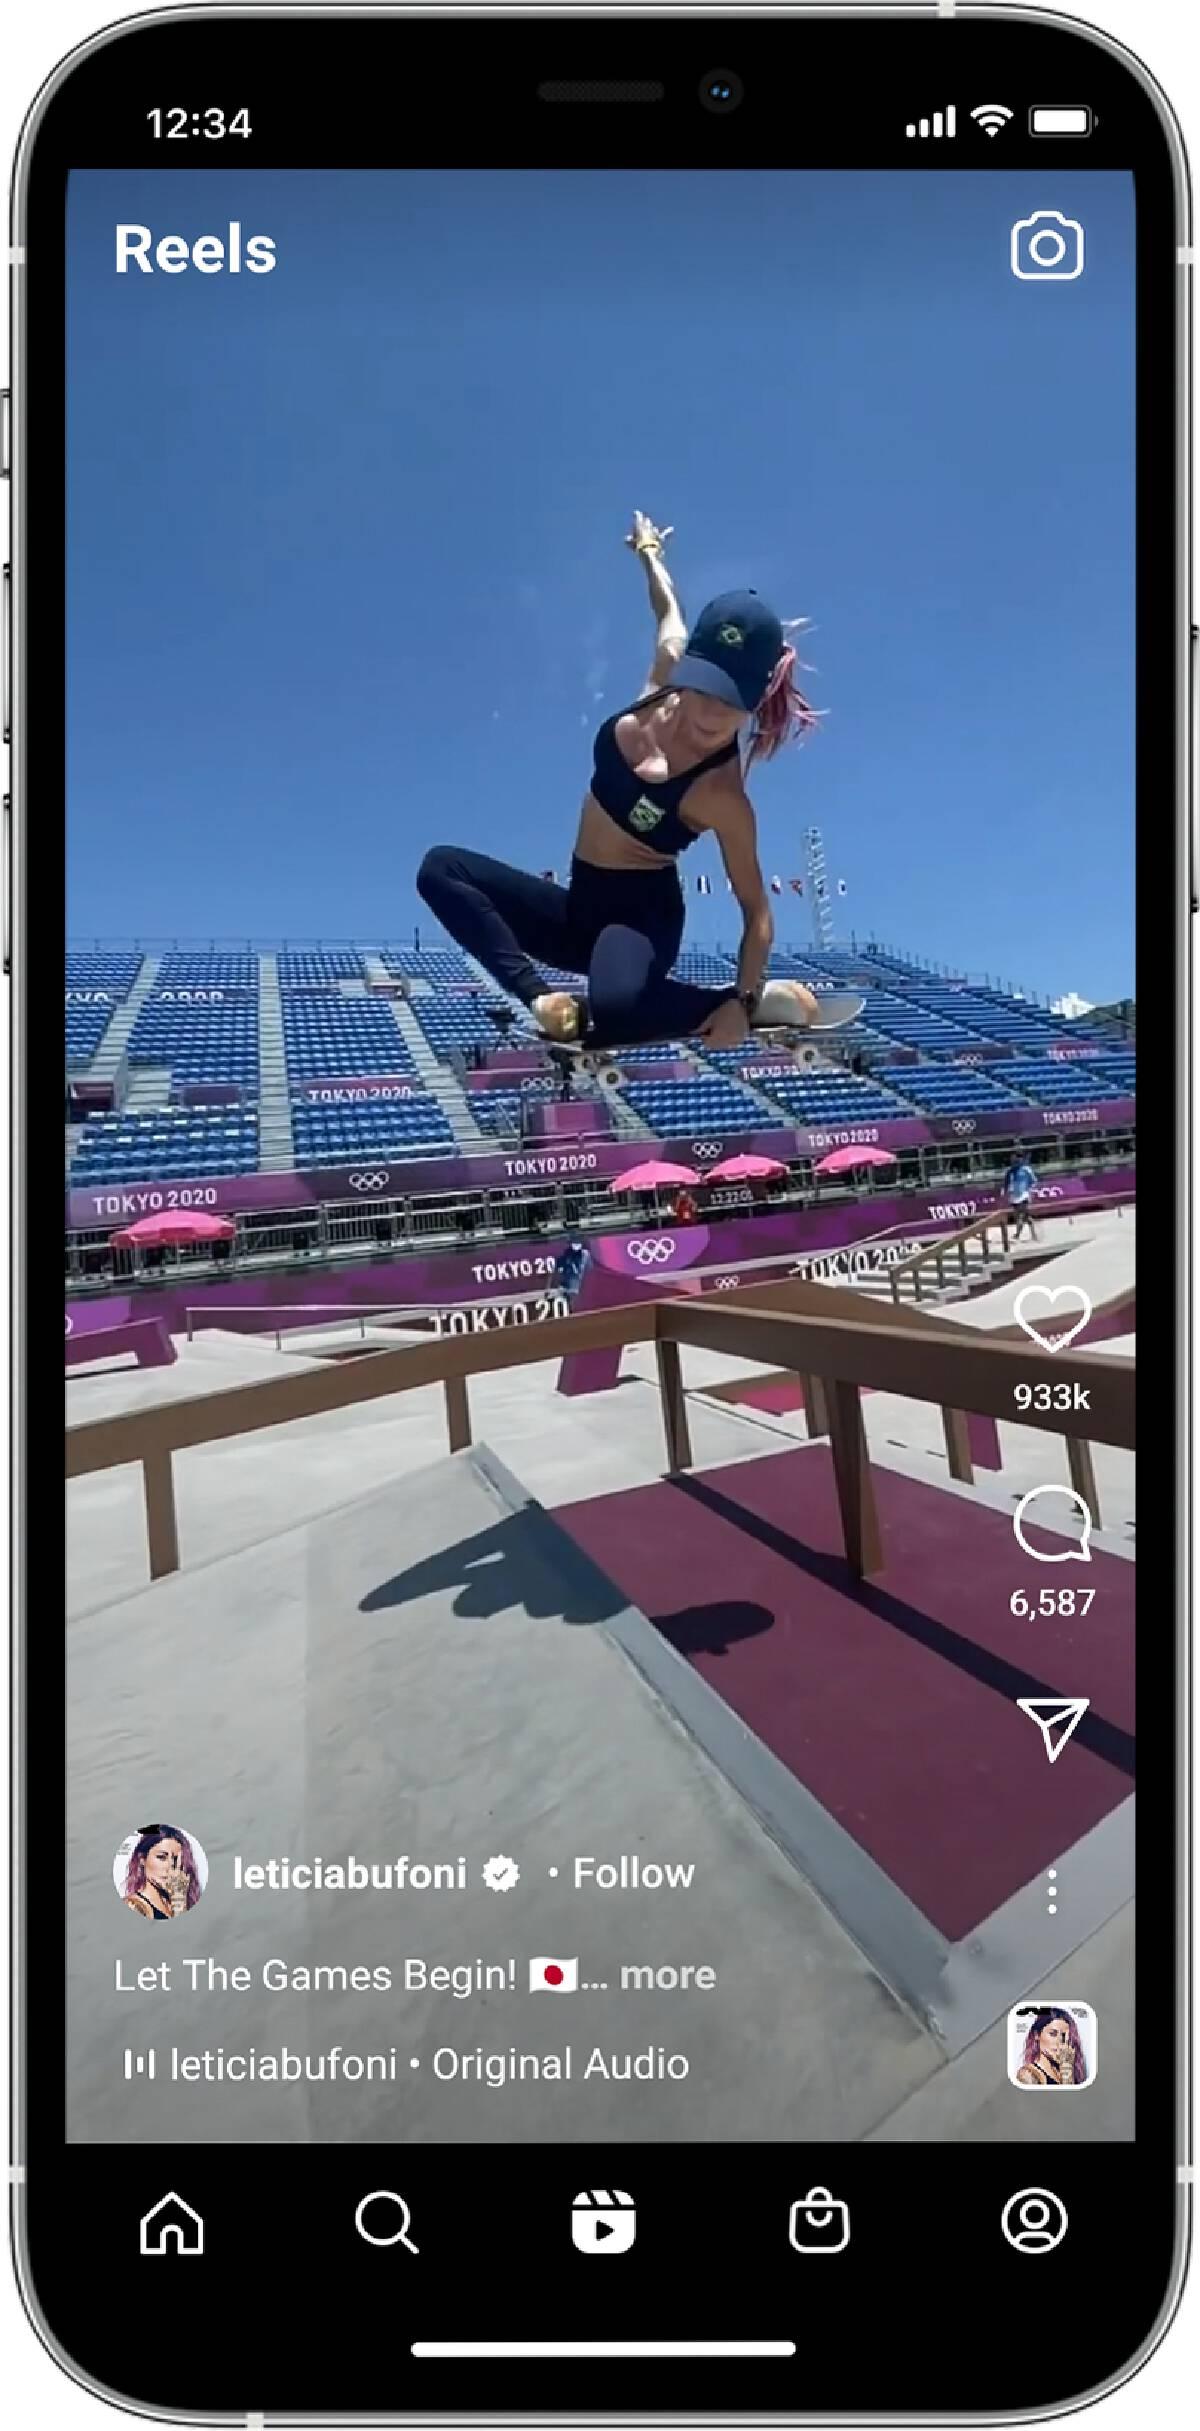 Facebook- Instagram เผยสถิติน่าสนใจส่งท้ายโตเกียวโอลิมปิกเกมส์